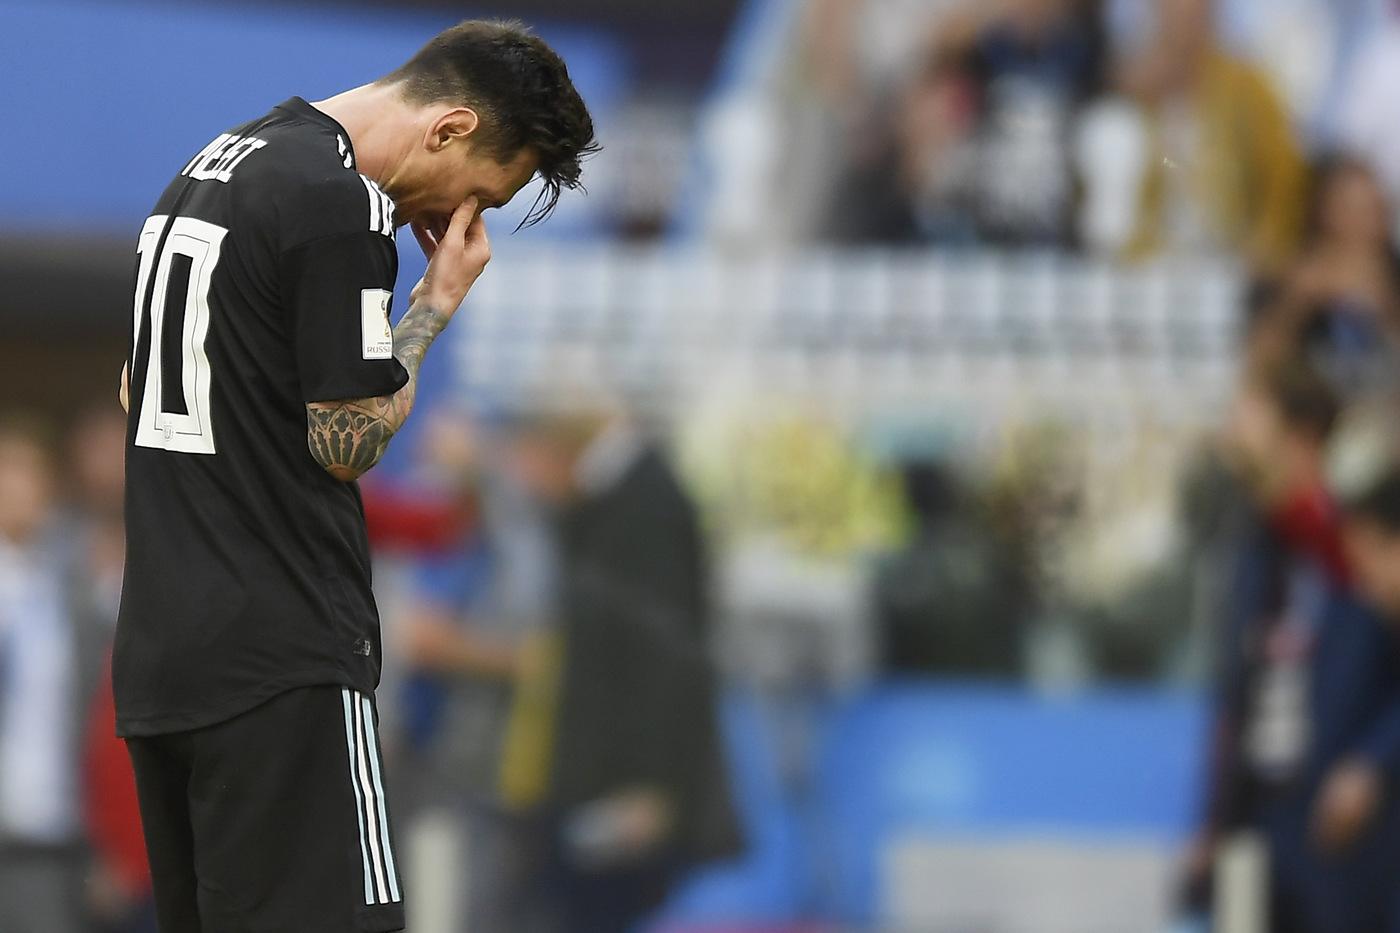 Argentina-Croazia giovedì 21 giugno, analisi e pronostico Mondiali Russia 2018 girone D